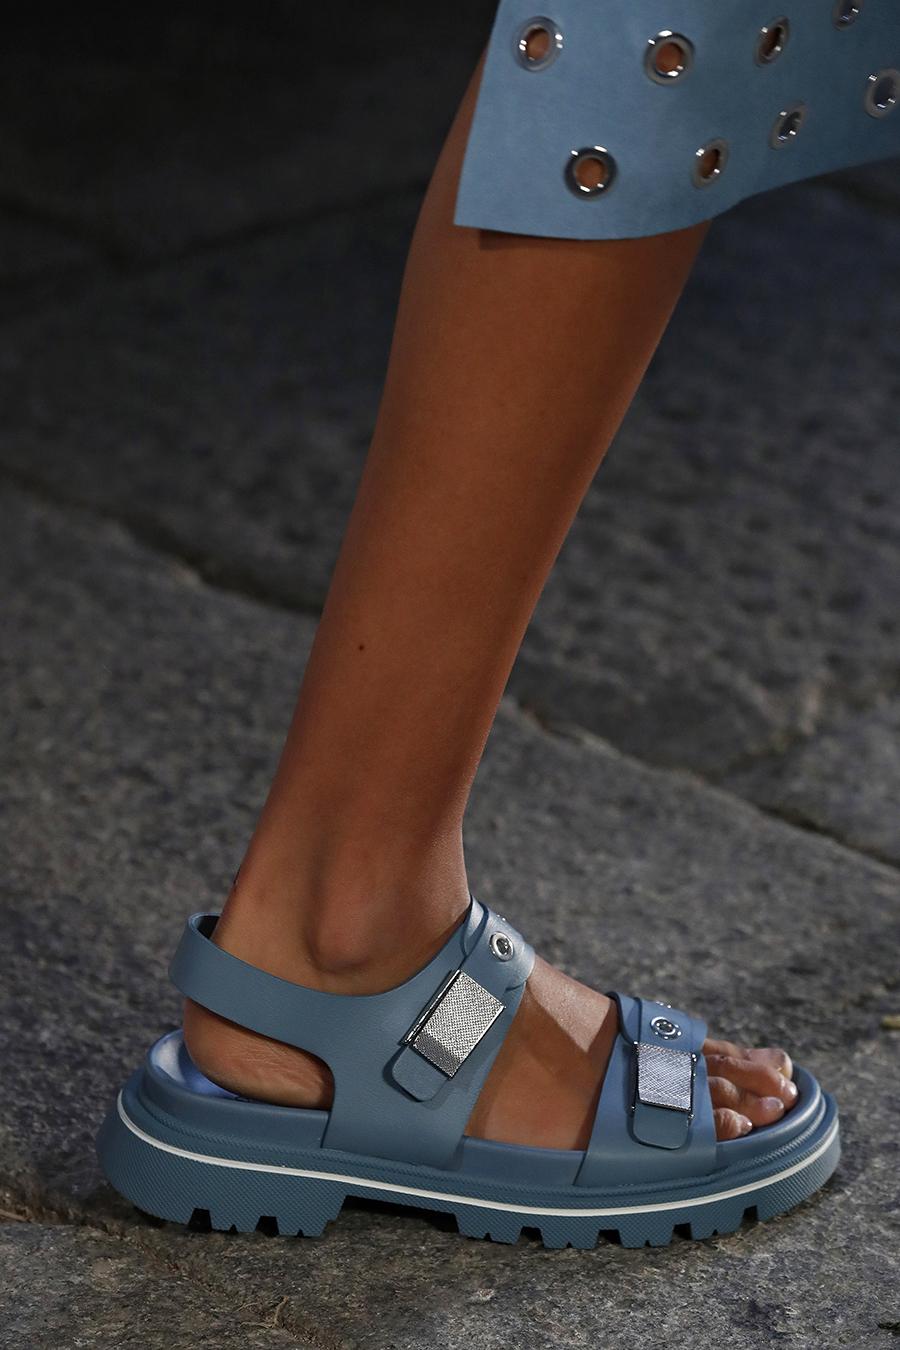 модная обувь лето 2021 на низком ходу плоская подошва без каблука женская спортивные голубые